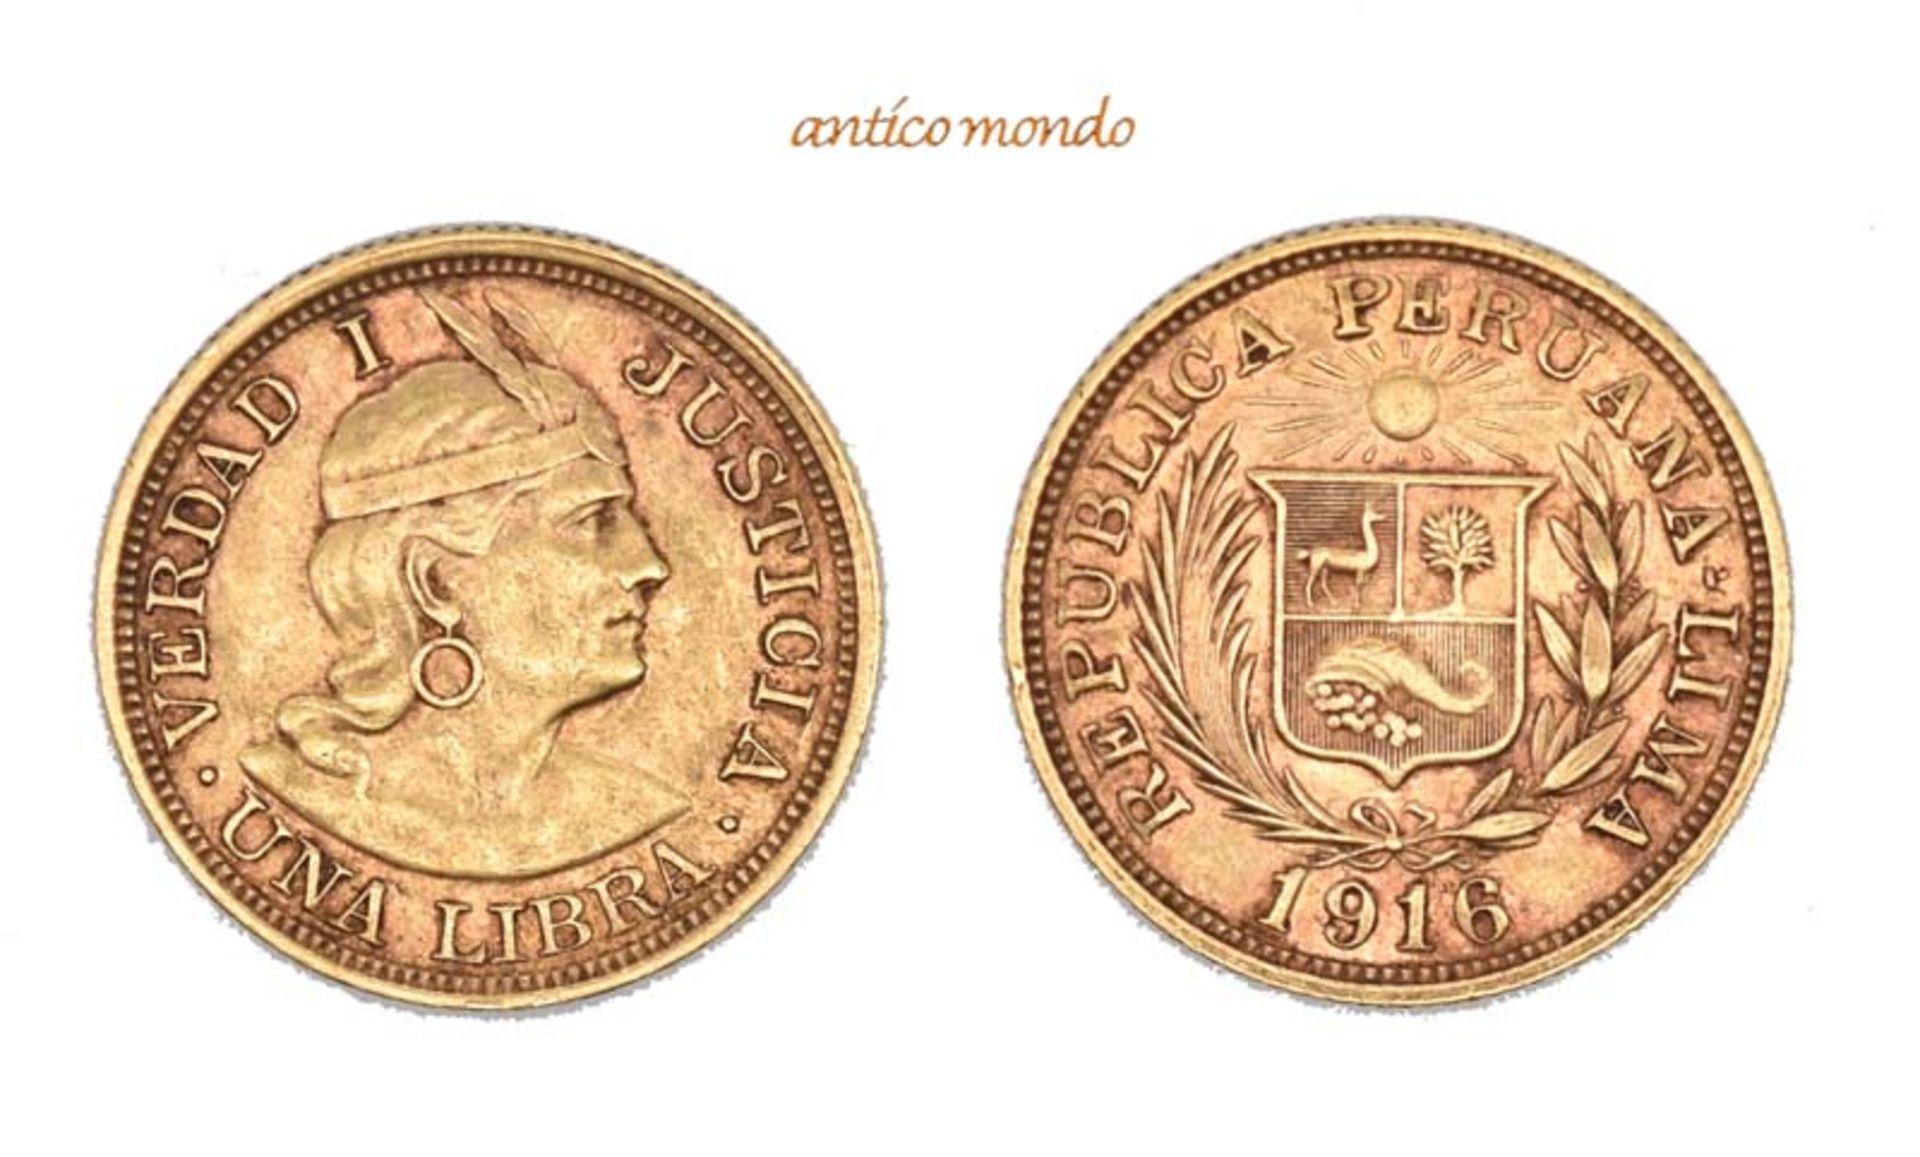 Peru, Republik, Libra, 1916, sehr schön-vorzüglich, 8,00 g- - -21.50 % buyer's premium on the hammer